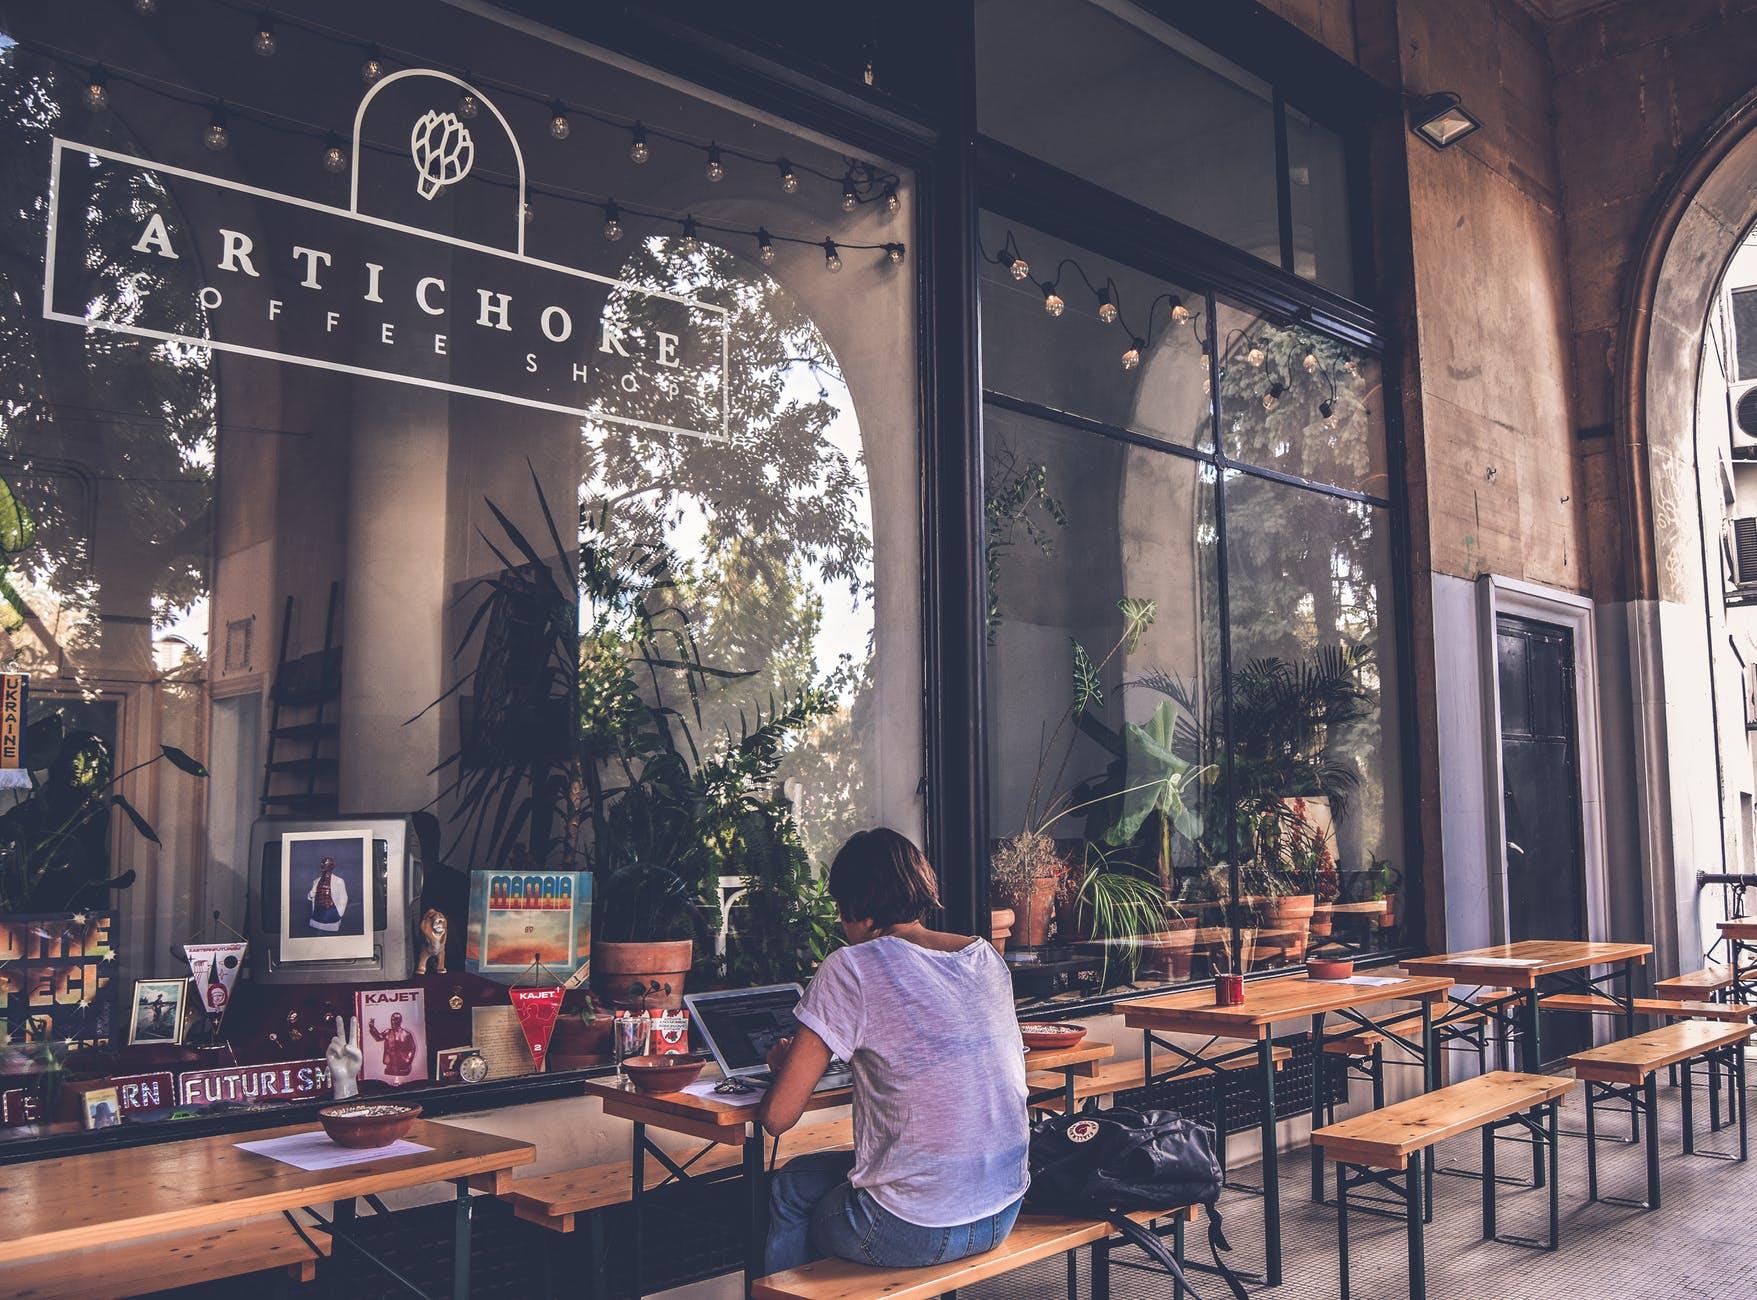 Cần chuẩn bị gì trước khi mở một quán cafe - chọn địa điểm